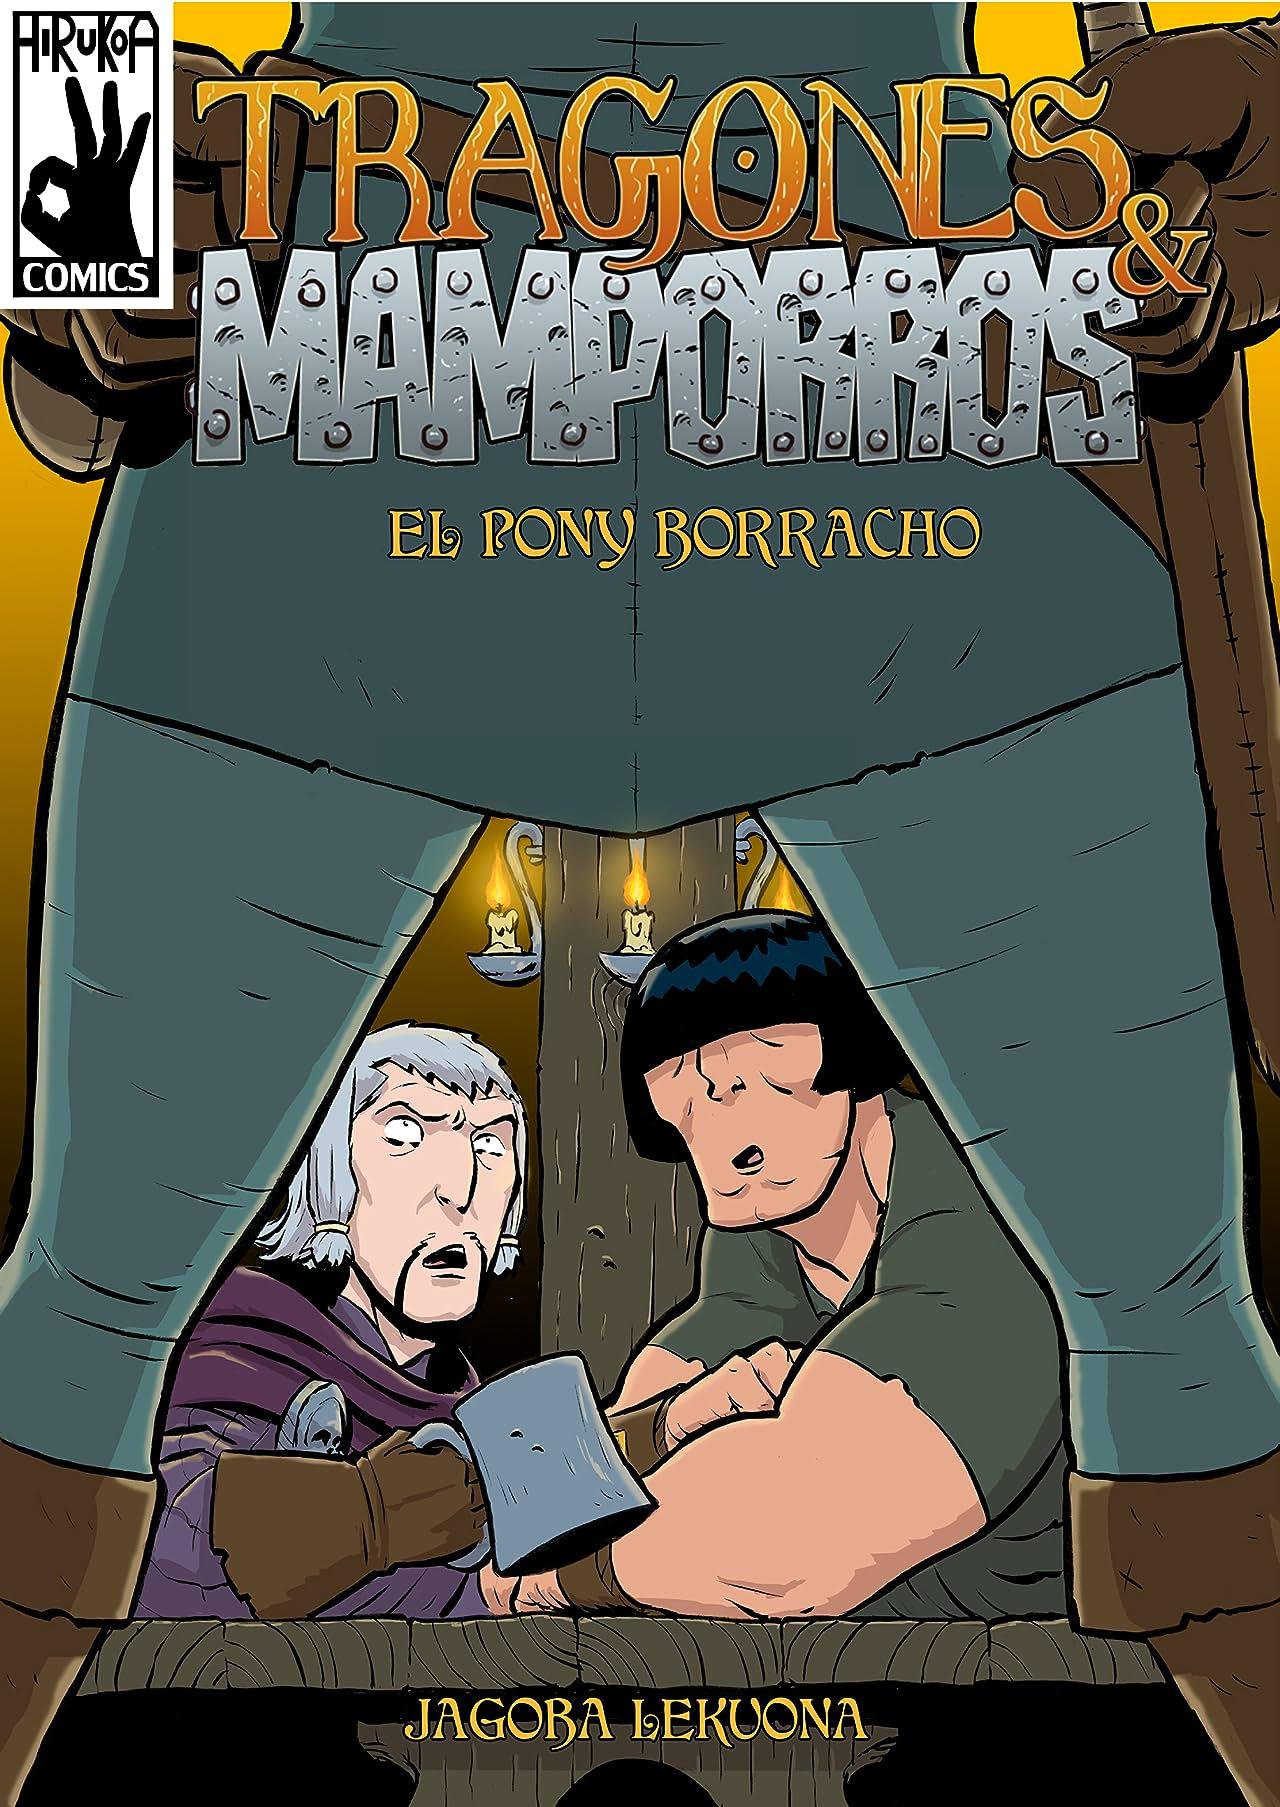 Tragones & Mamporros #2